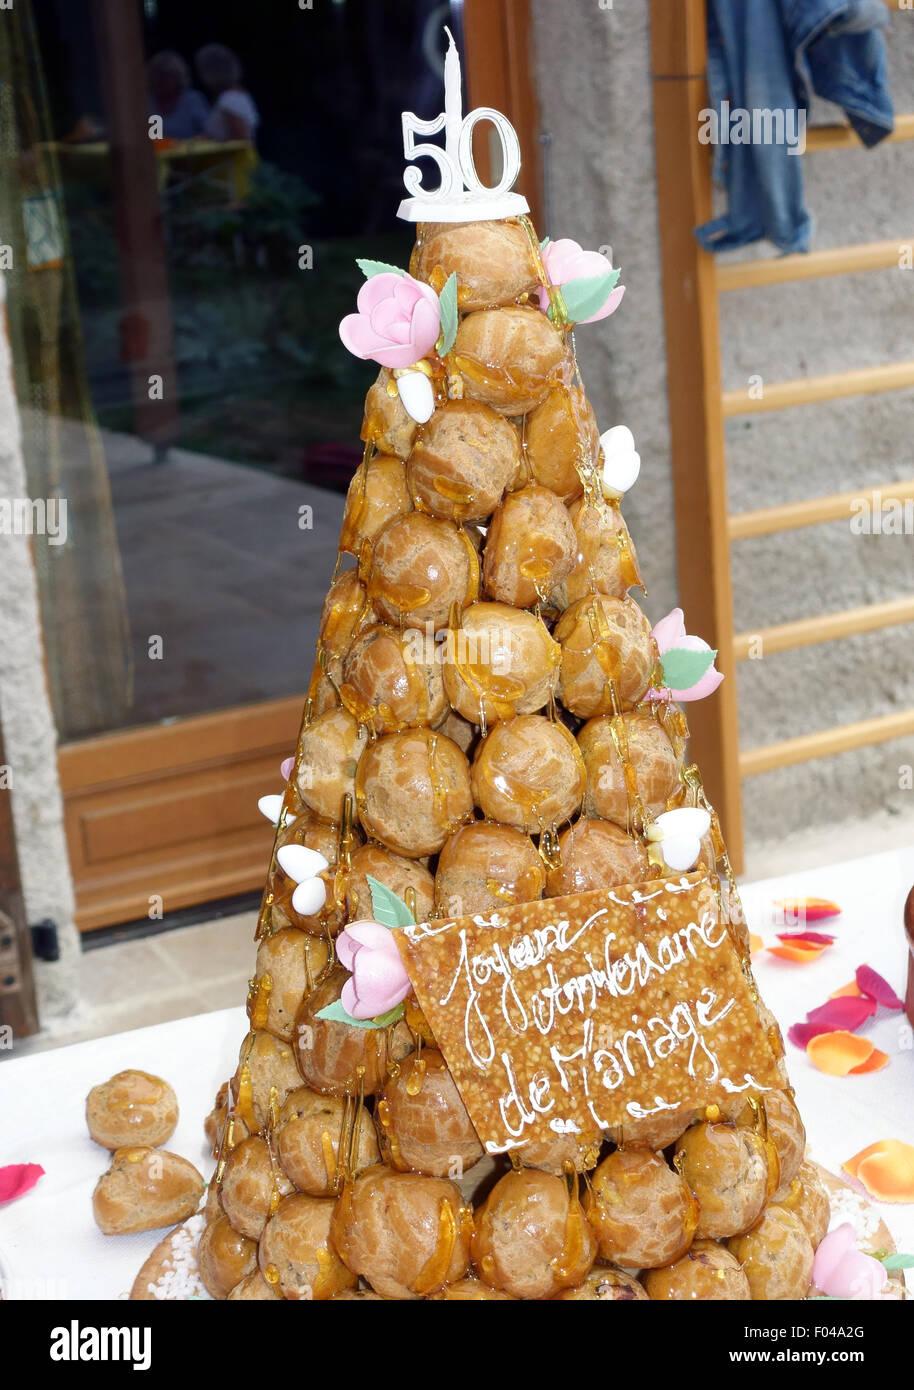 Anniversario Matrimonio Francese.Torta Celebrando Cinquantesimo Anniversario Di Matrimonio Francia